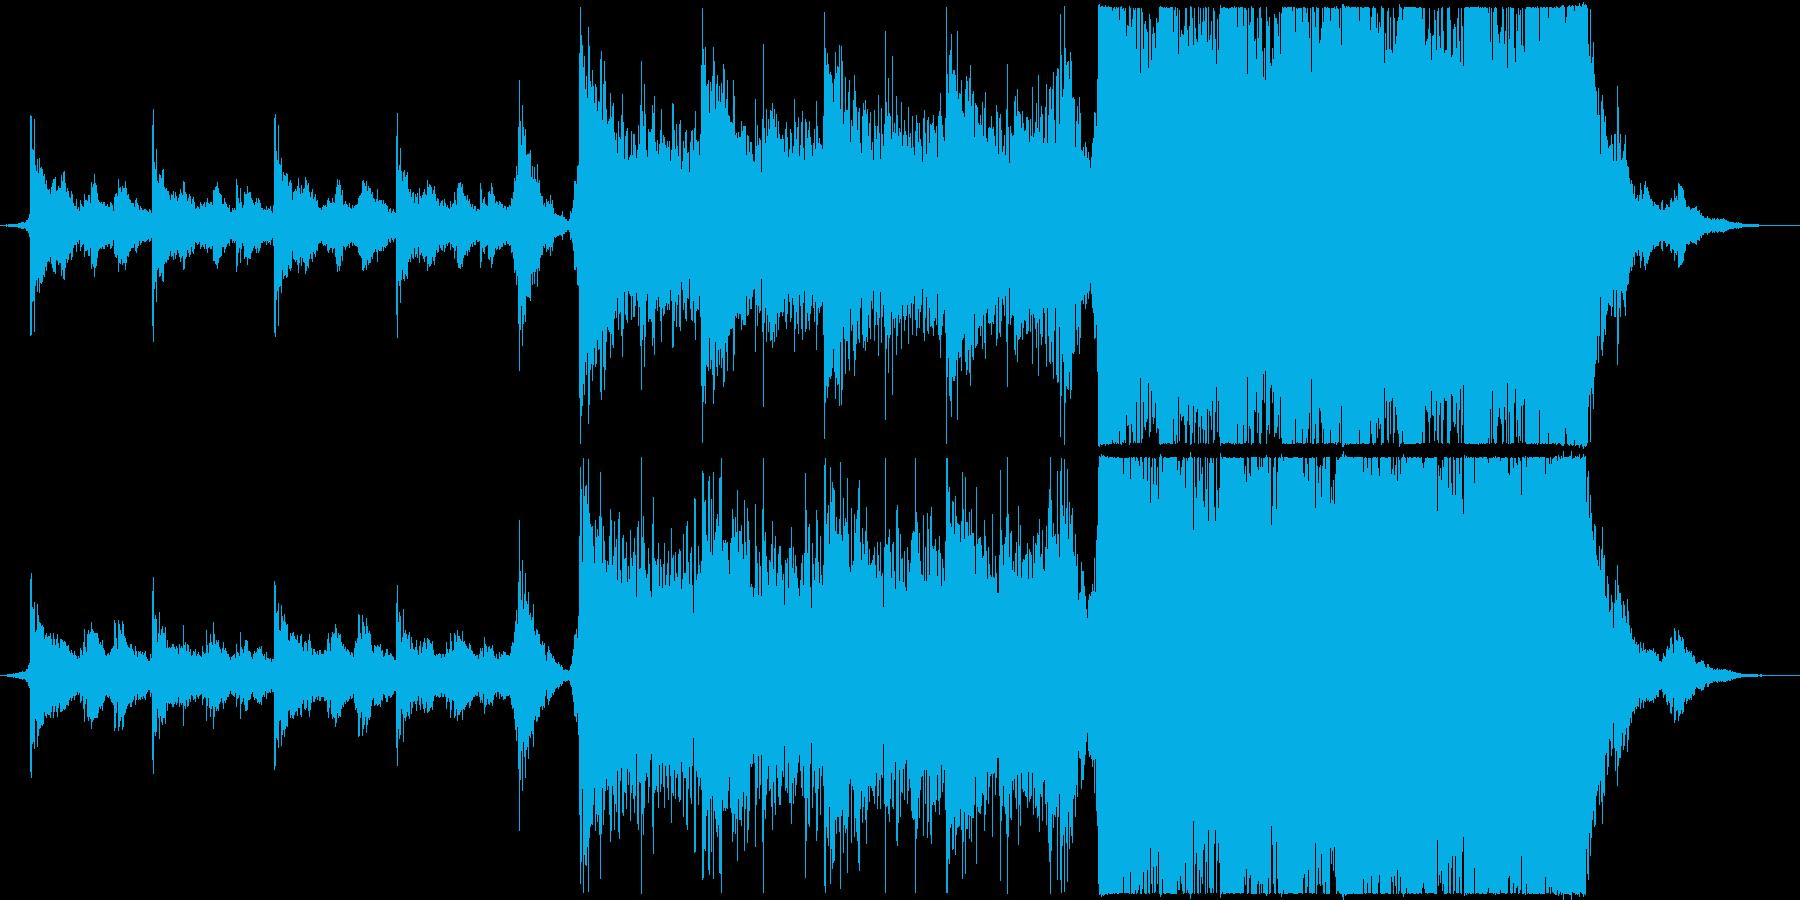 映画の予告編のような壮大な楽曲の再生済みの波形